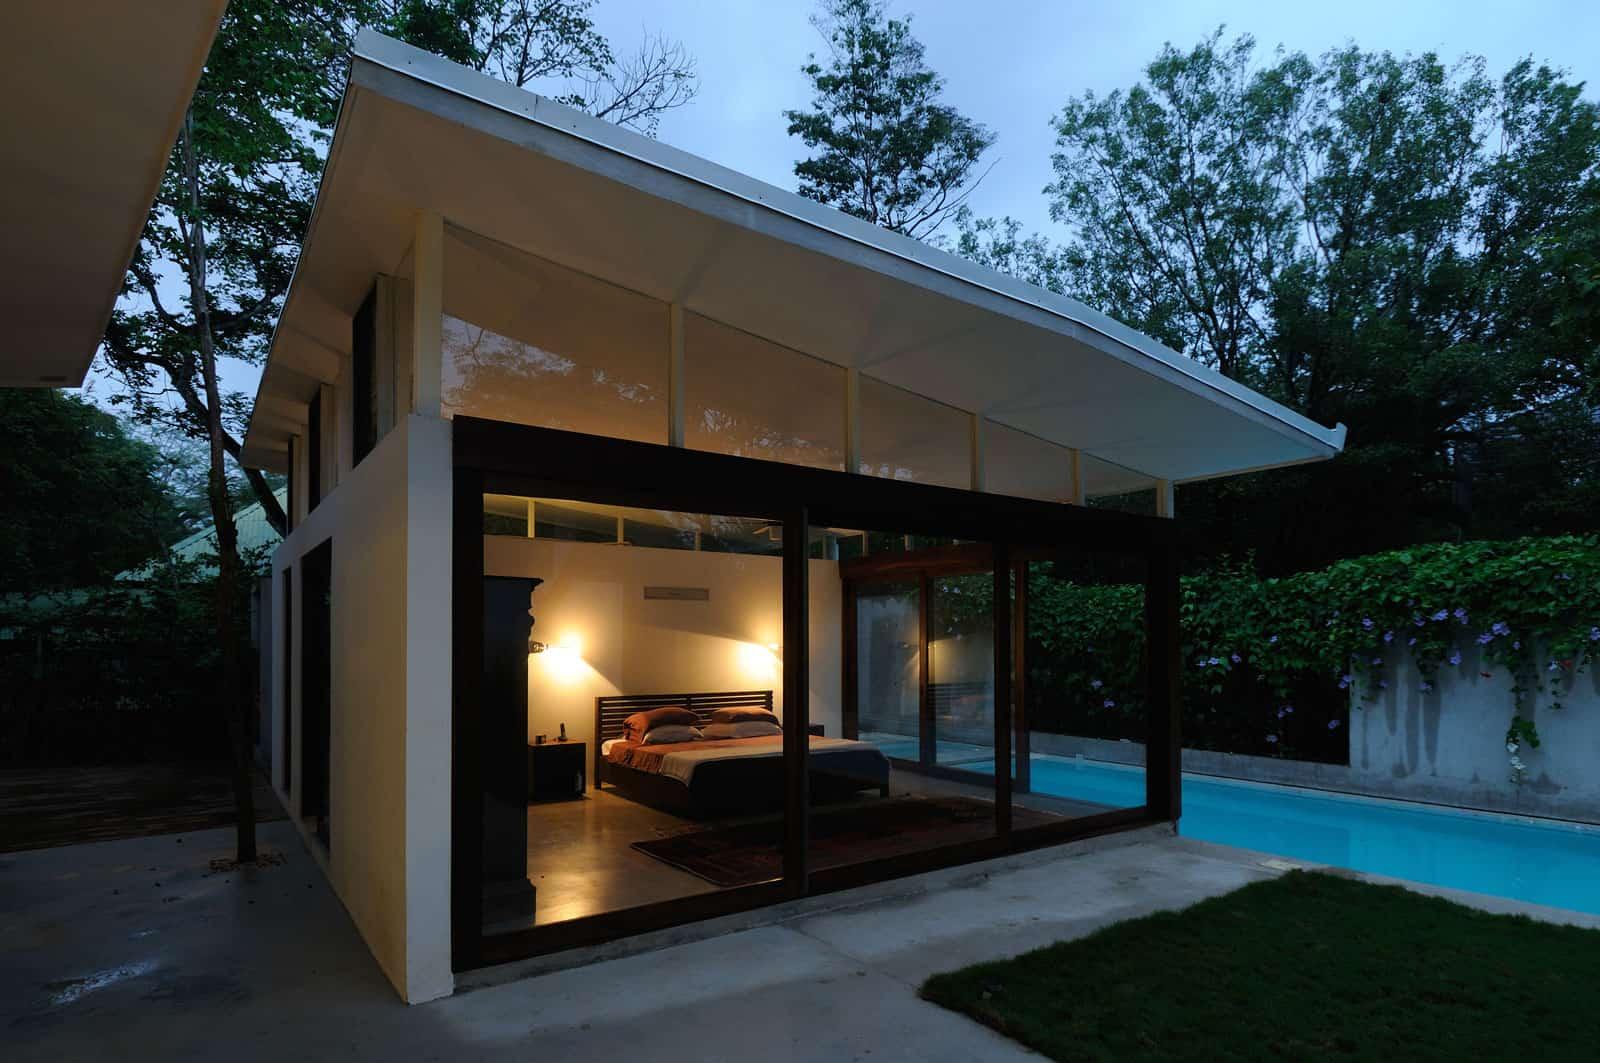 House S by Datumzero Design (6)